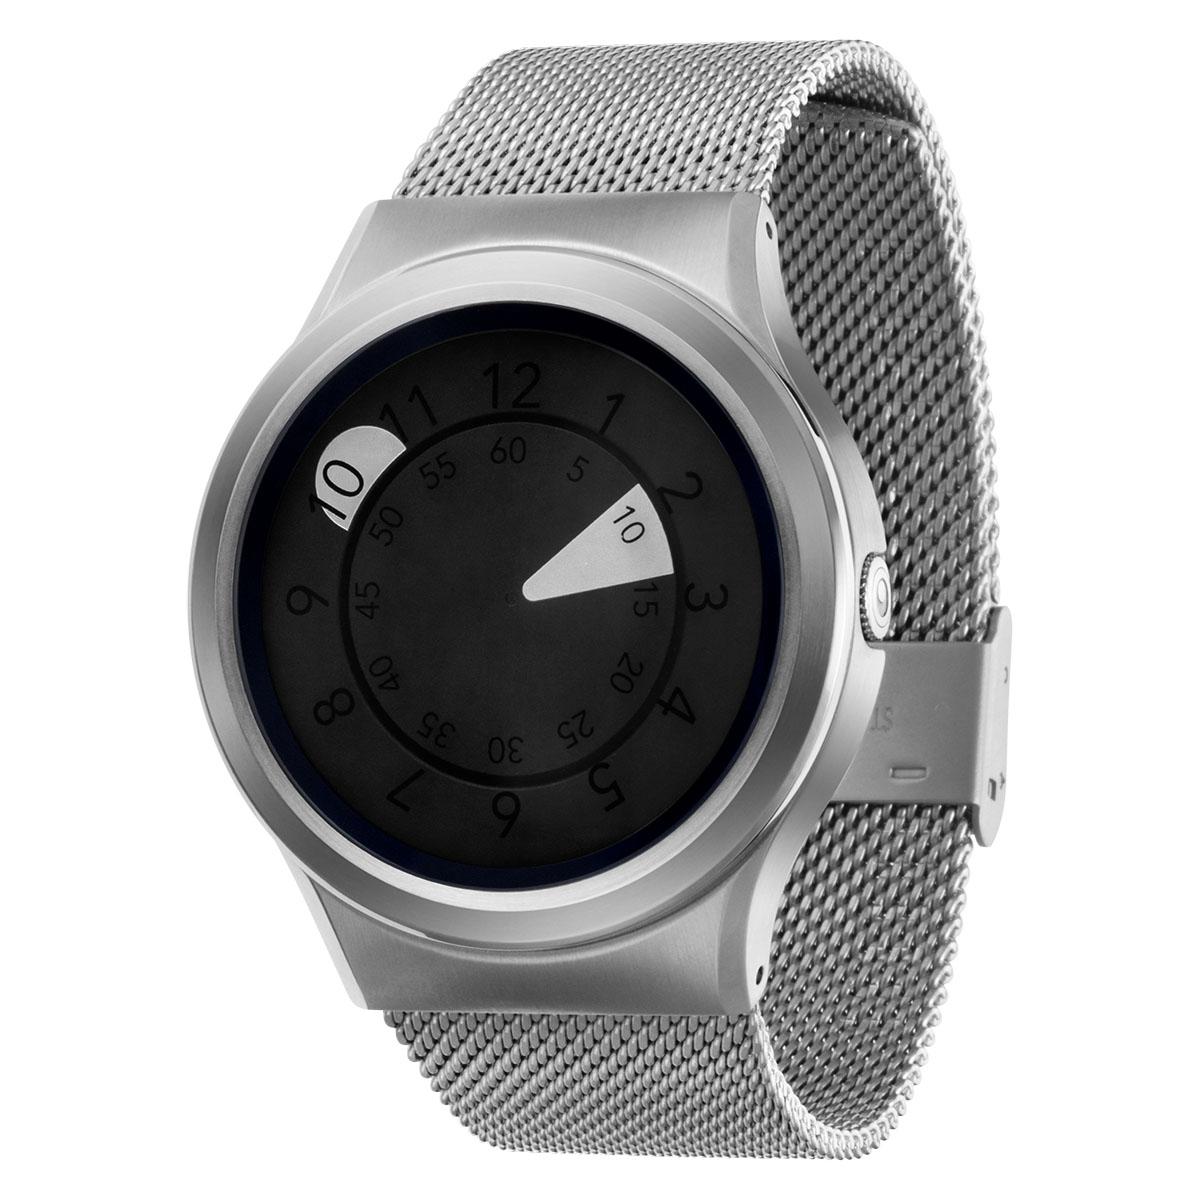 ファッションウォッチ デザインウォッチ 5ATM メーカー保障12ヶ月 ベルト調整用工具 LOGO入りクロス 取扱説明書 ZIIIROとは関係ありません ZEROOTIME ゼロタイム ZEROO 買収 AQUA DROP ゼロ おしゃれ時計 W10038B01SM01 腕時計 レディース メンズ ホワイト ペア用 電池式クォーツ デザイナーズ 驚きの値段 ユニセックス